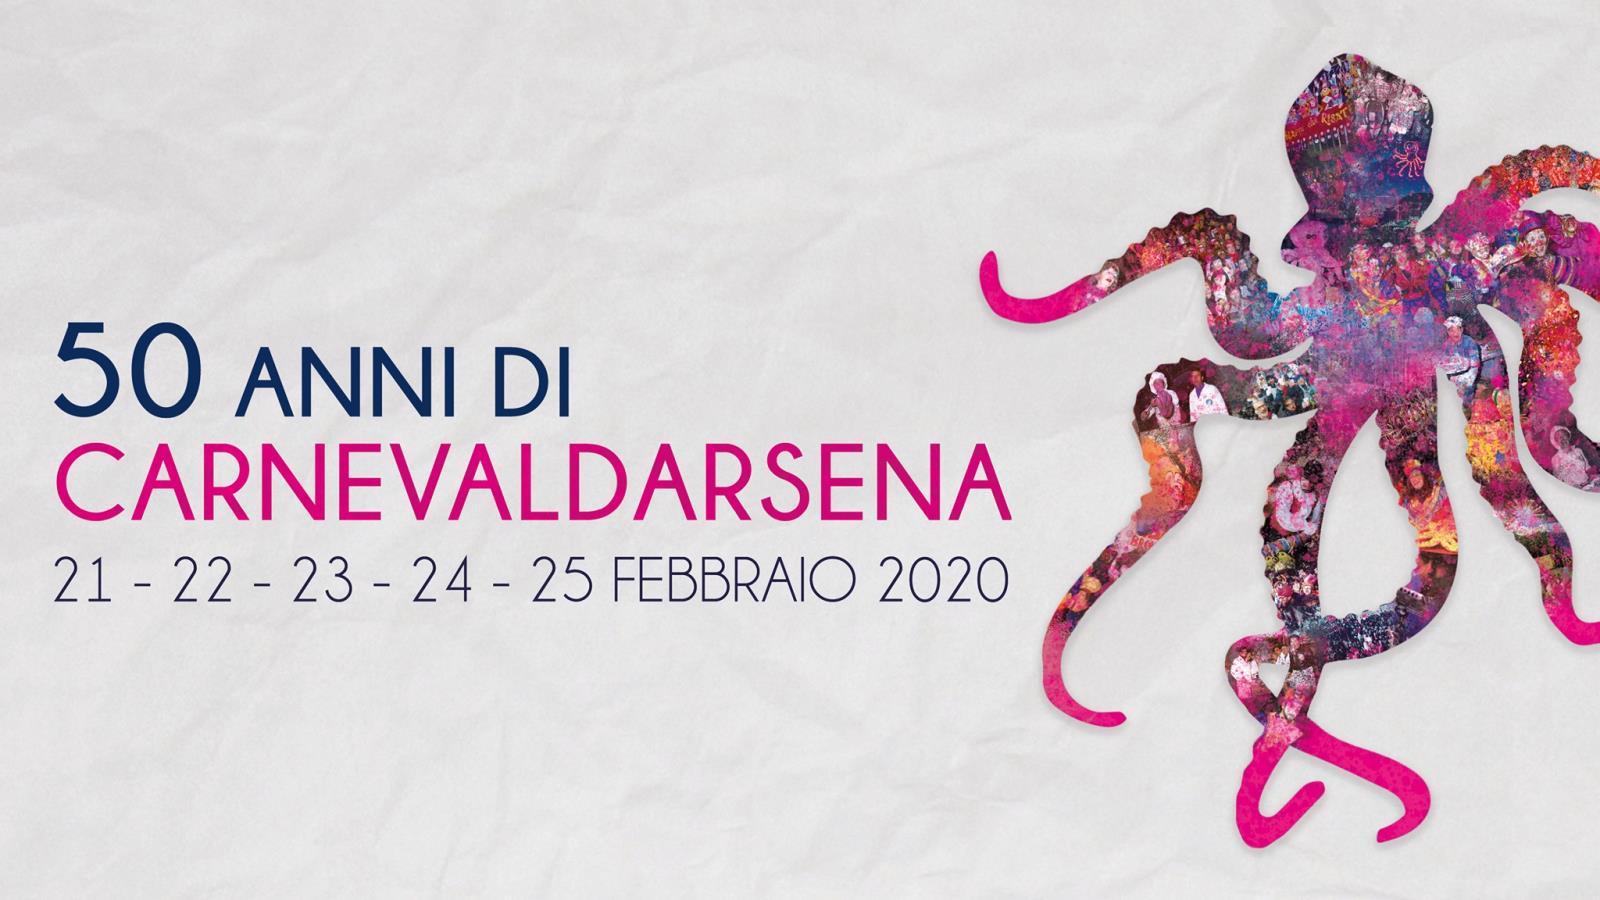 Rione Darsena 2020 - Eventi Carnevale Viareggio - Lucca Toscana:Eventi in  Italia